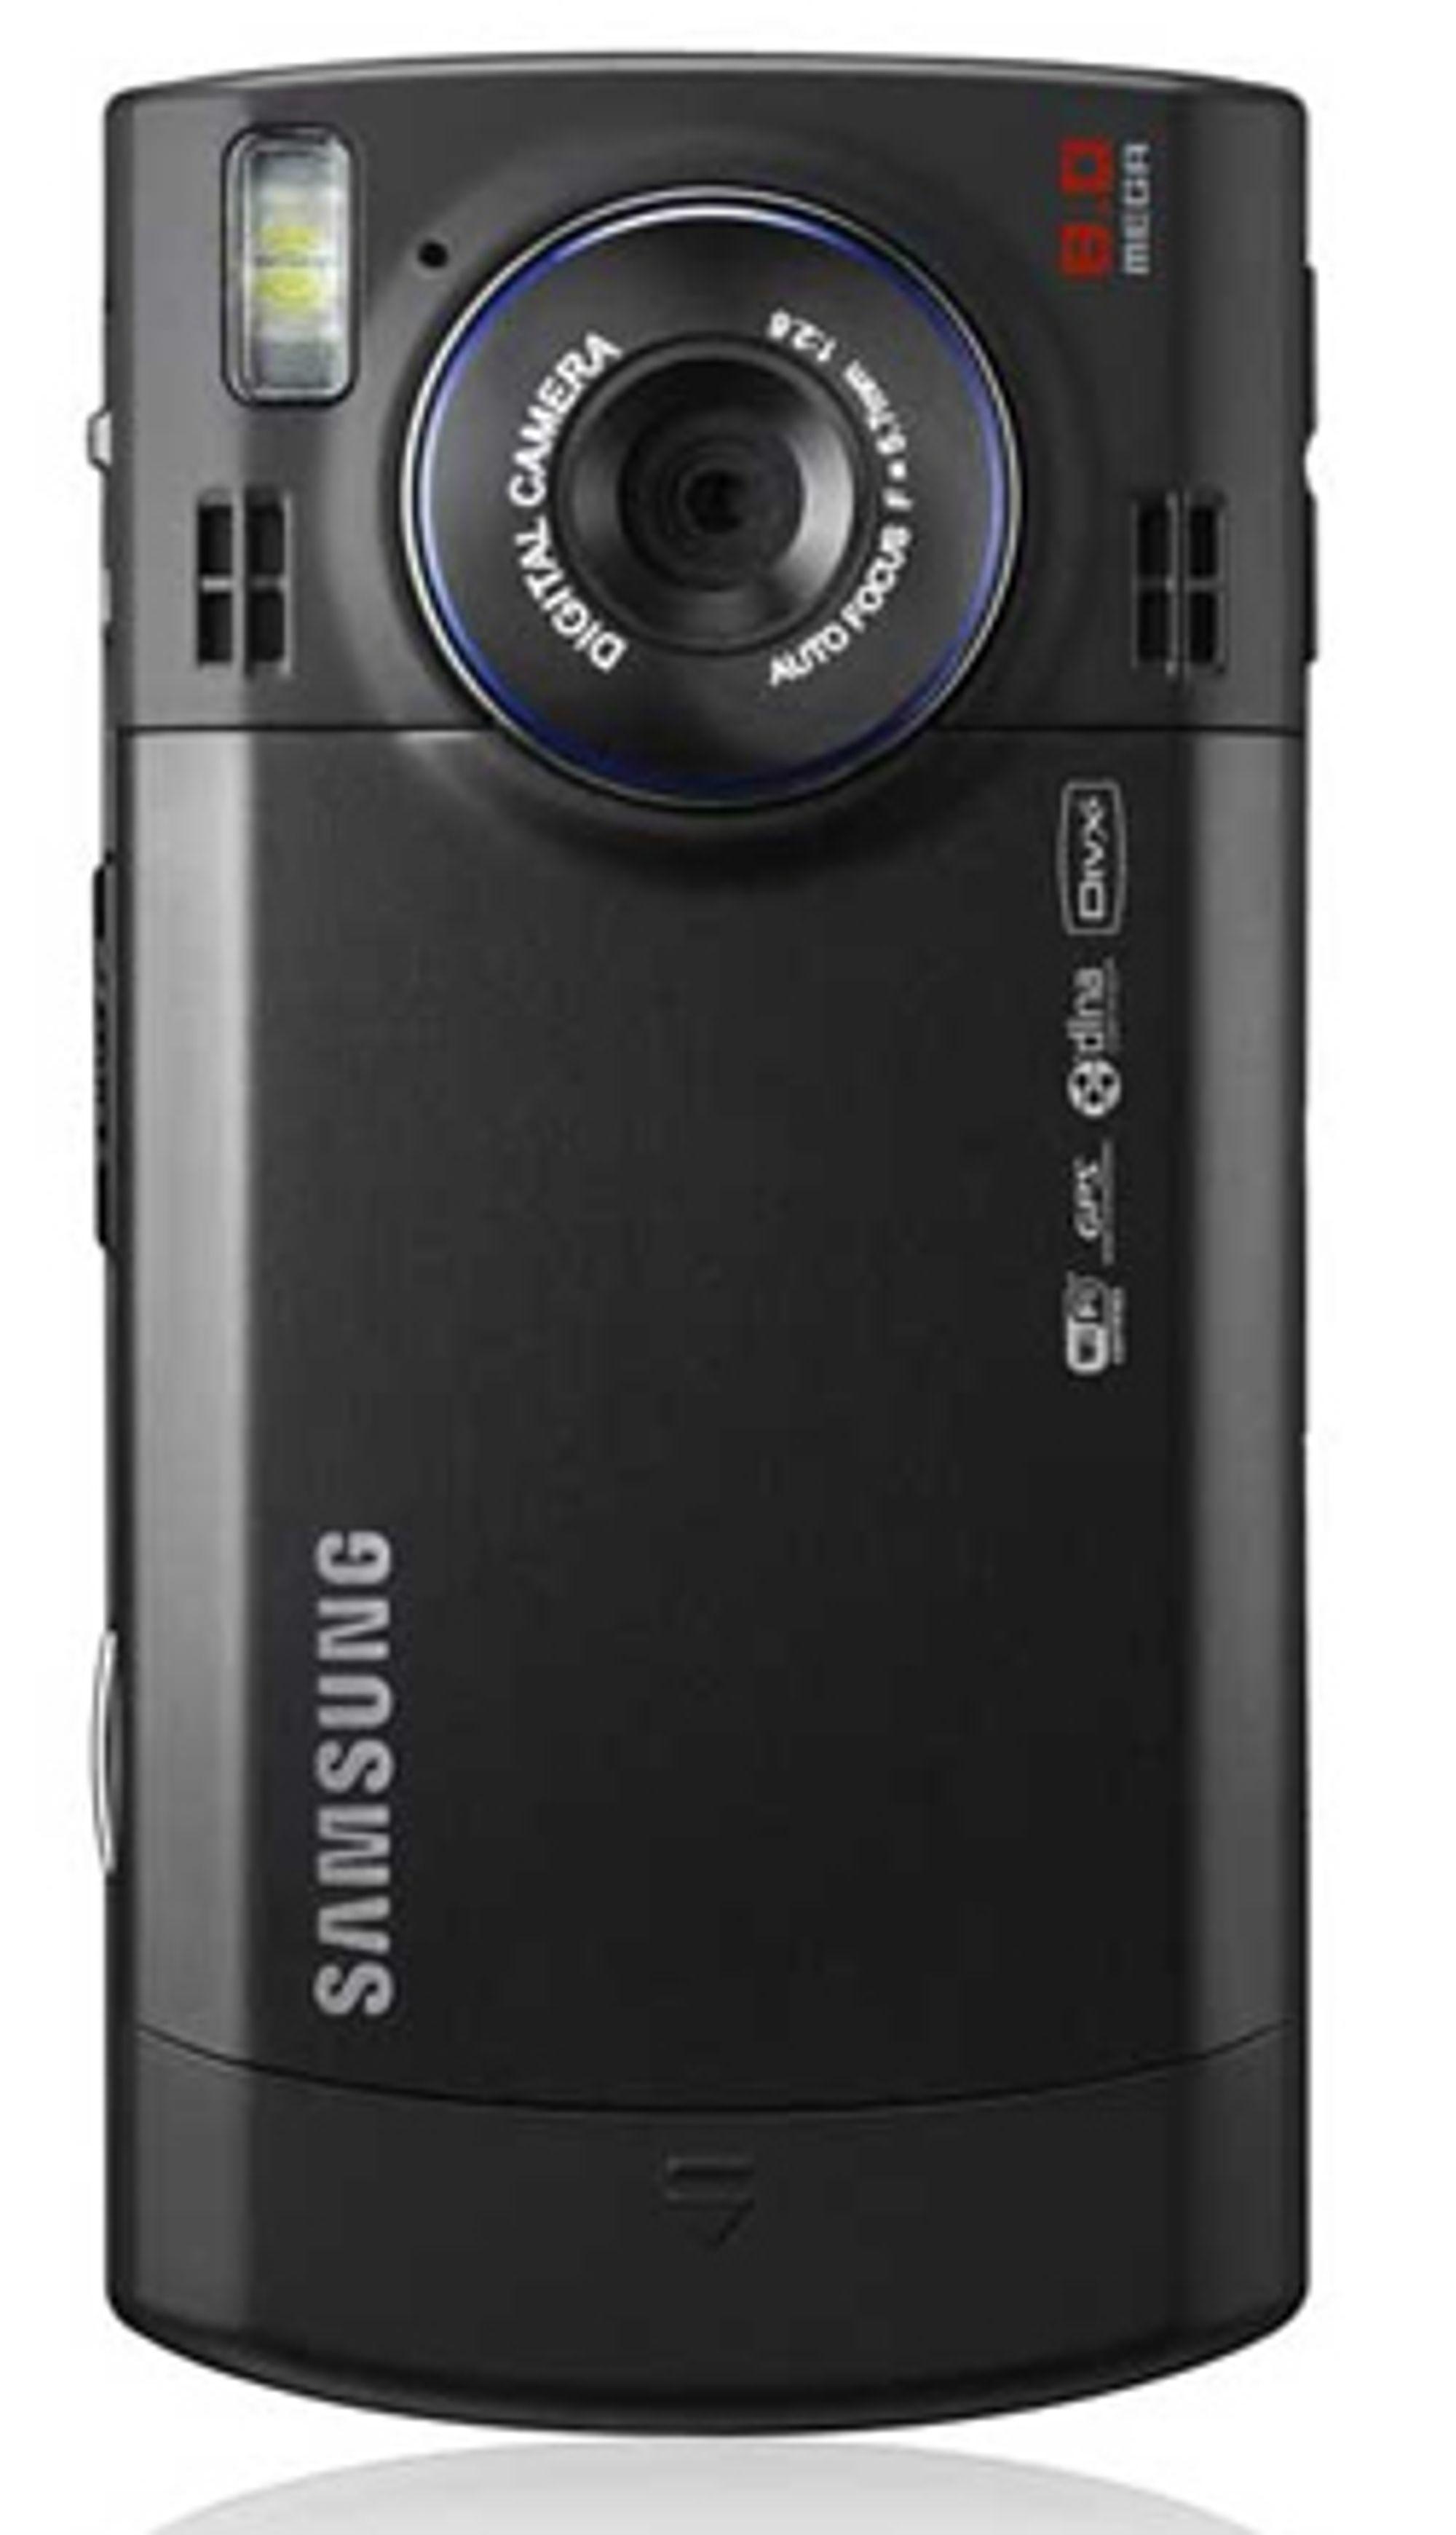 Kameraet har åtte megapikslers oppløsning.